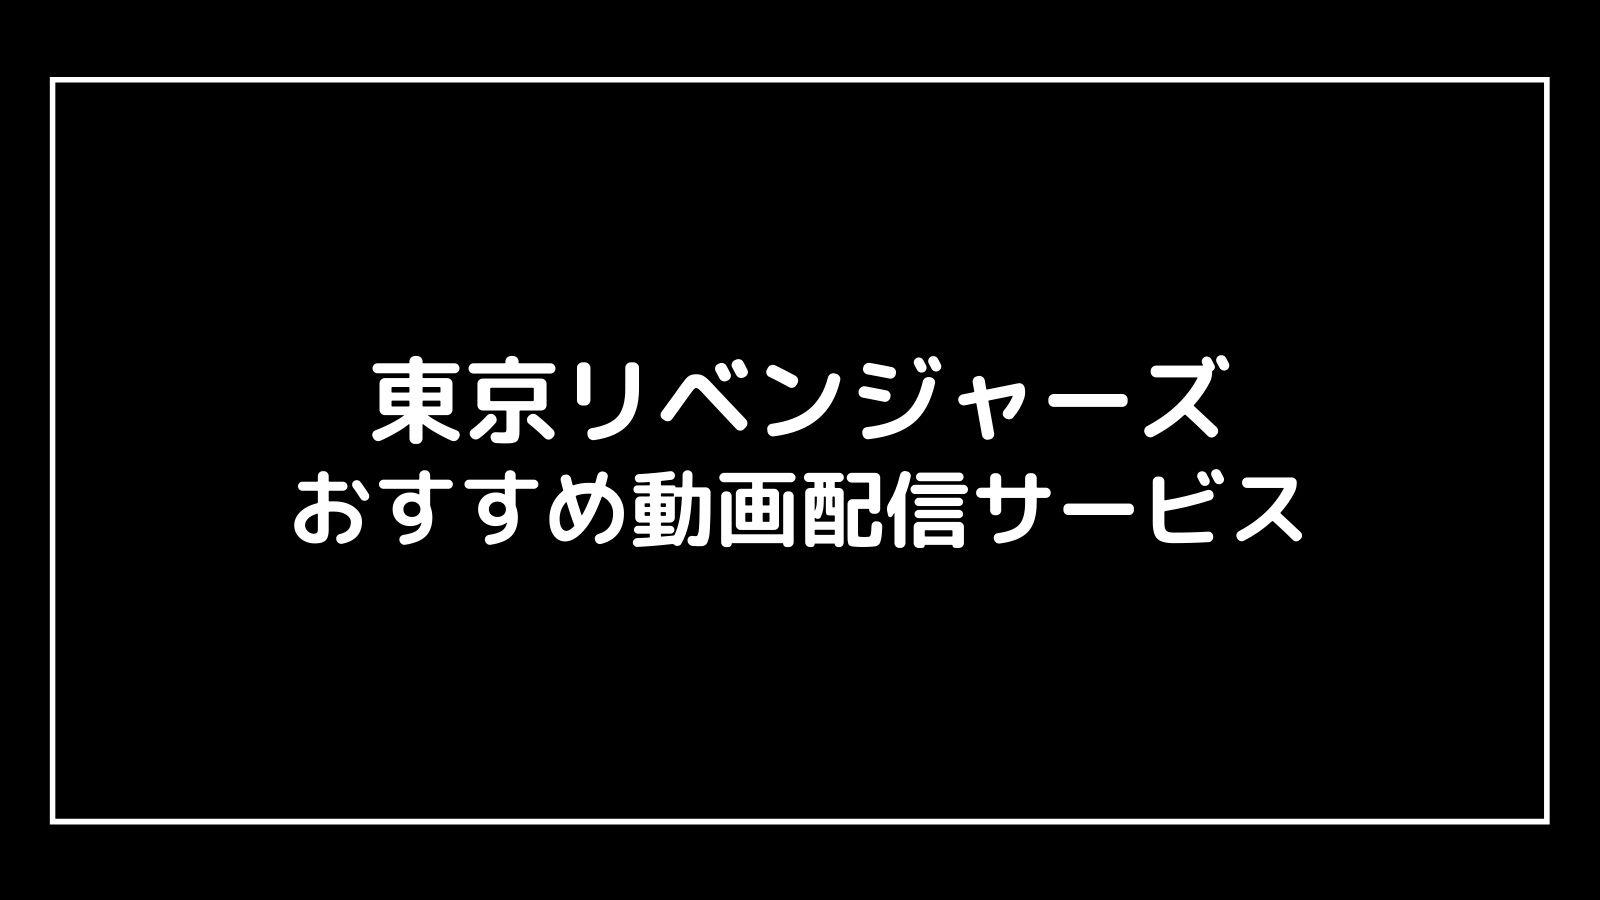 実写映画『東京リベンジャーズ』の無料映画配信をフル視聴できる動画サイト